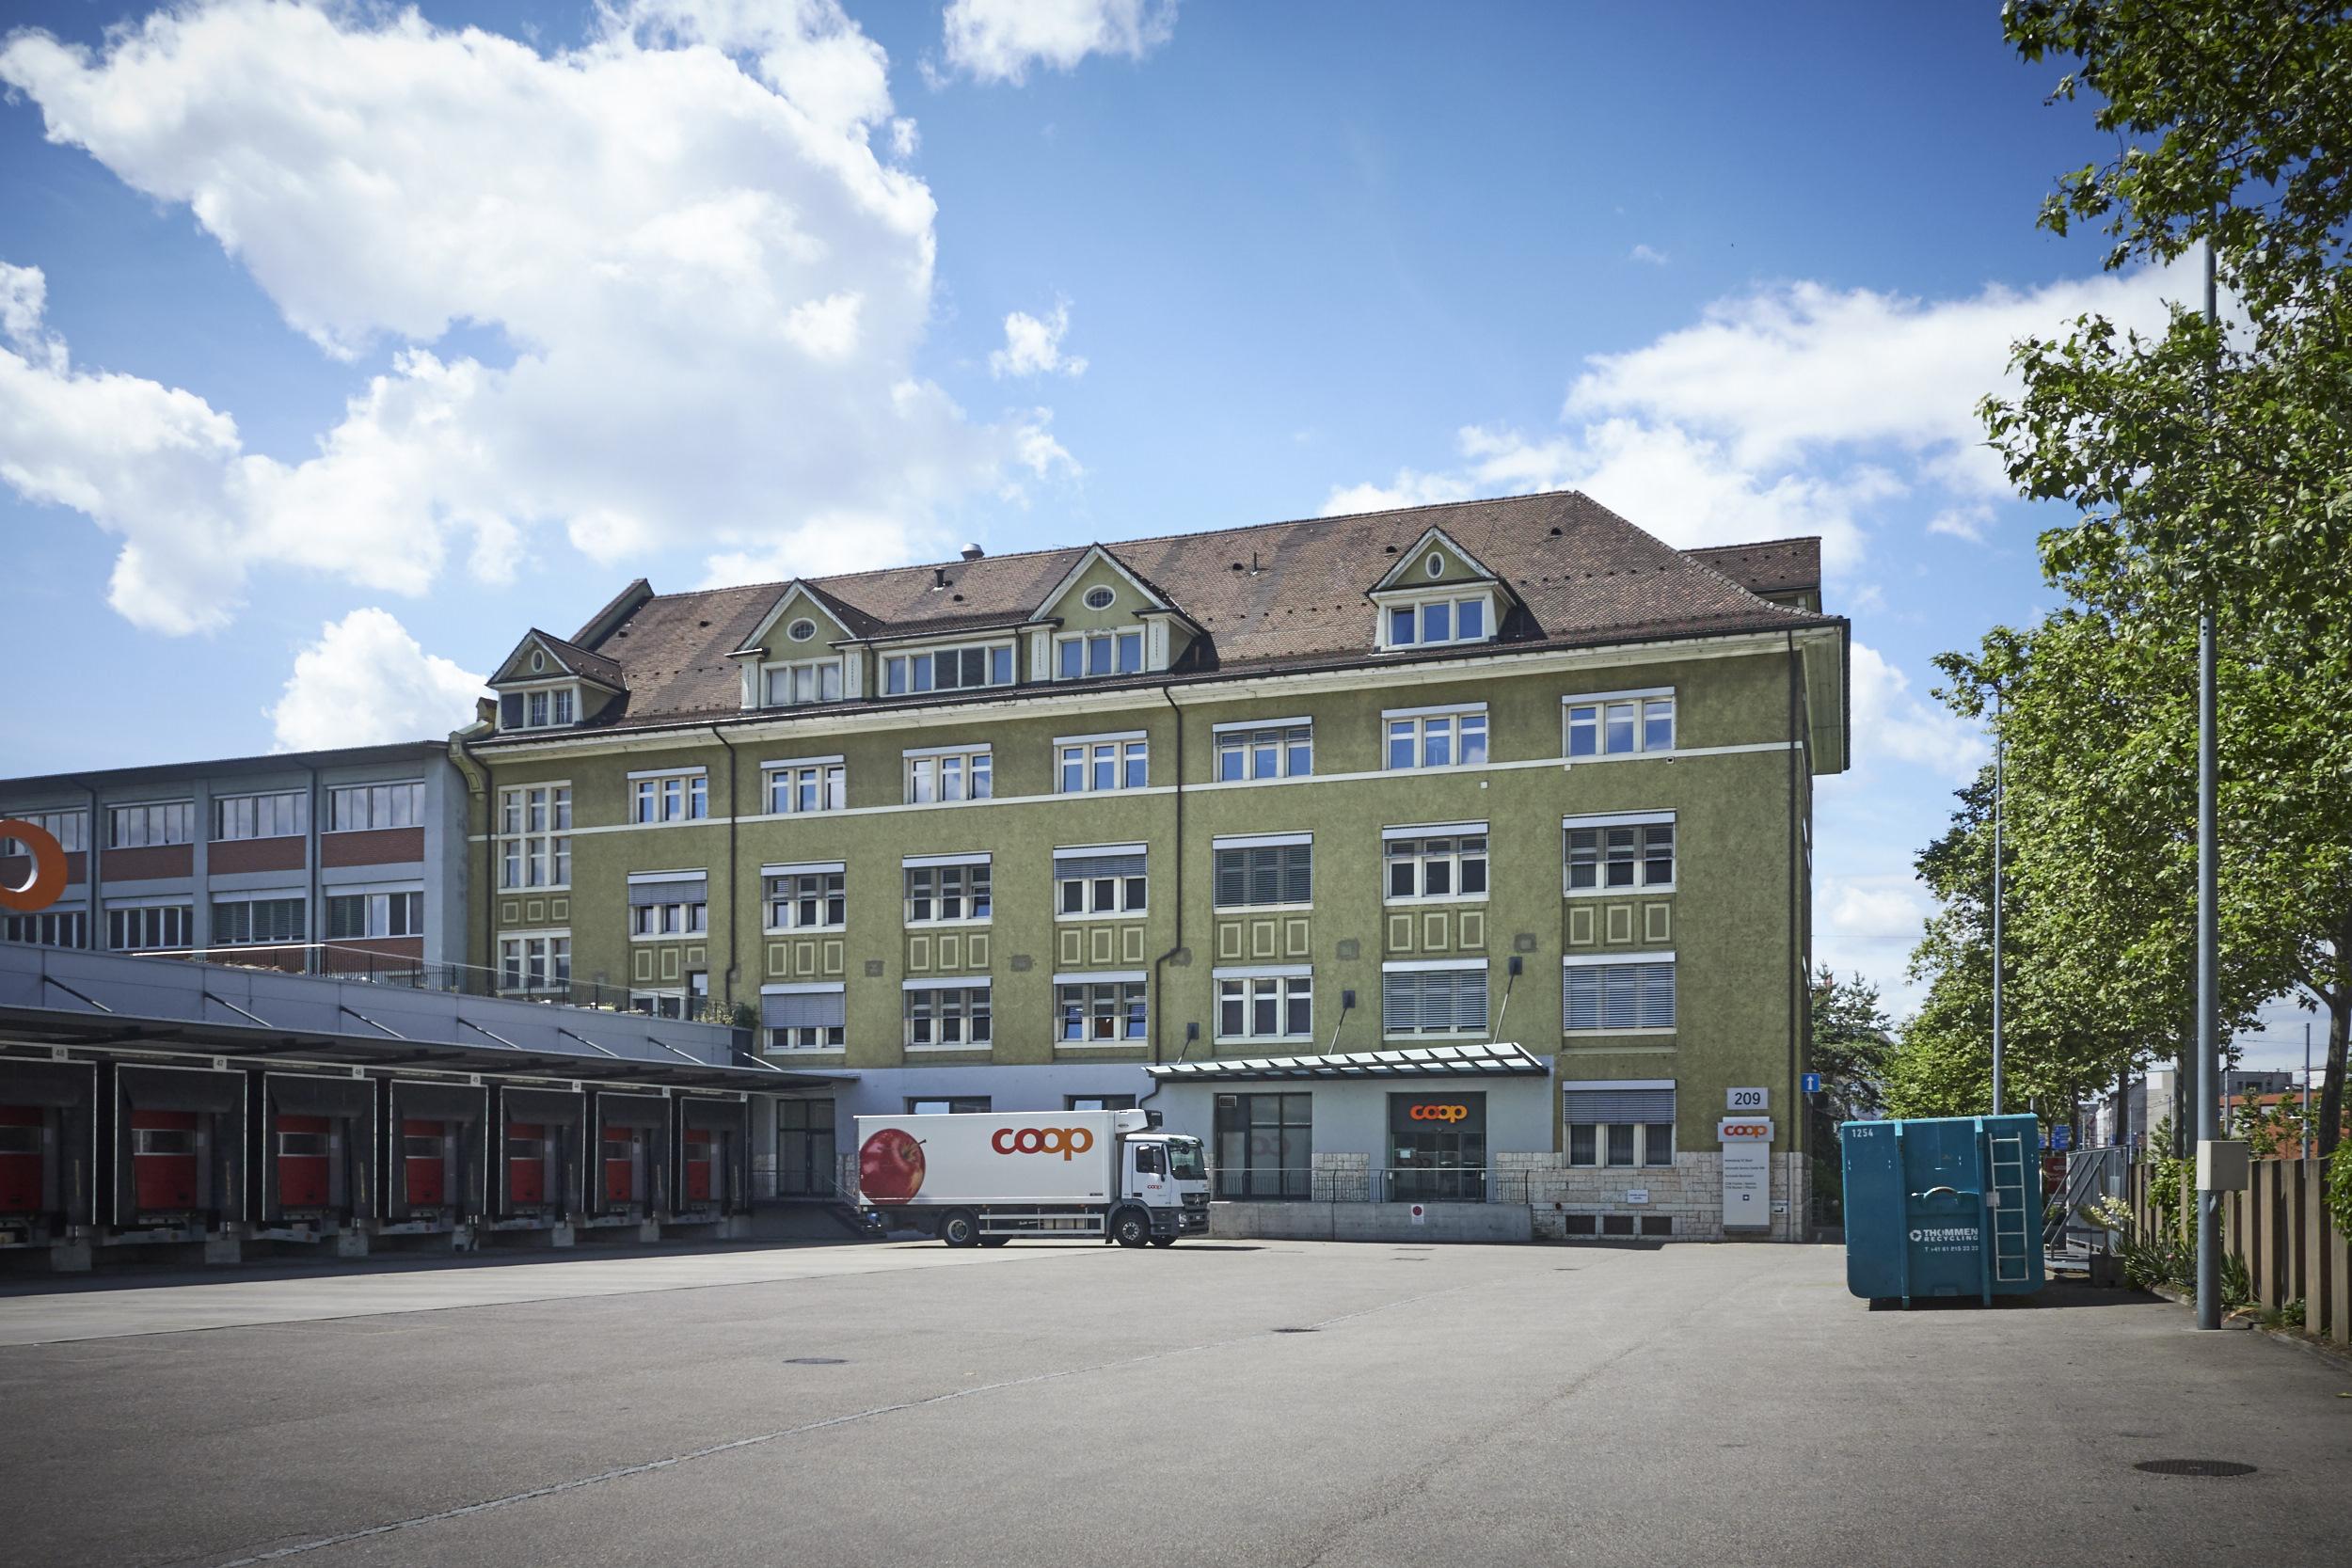 Vom Coop-Verteilzenter zum Klassenzimmer: Das Erziehungsdepartement will das Gebäude voraussichtlich im Jahr 2021 als neue Primarschule eröffnen.